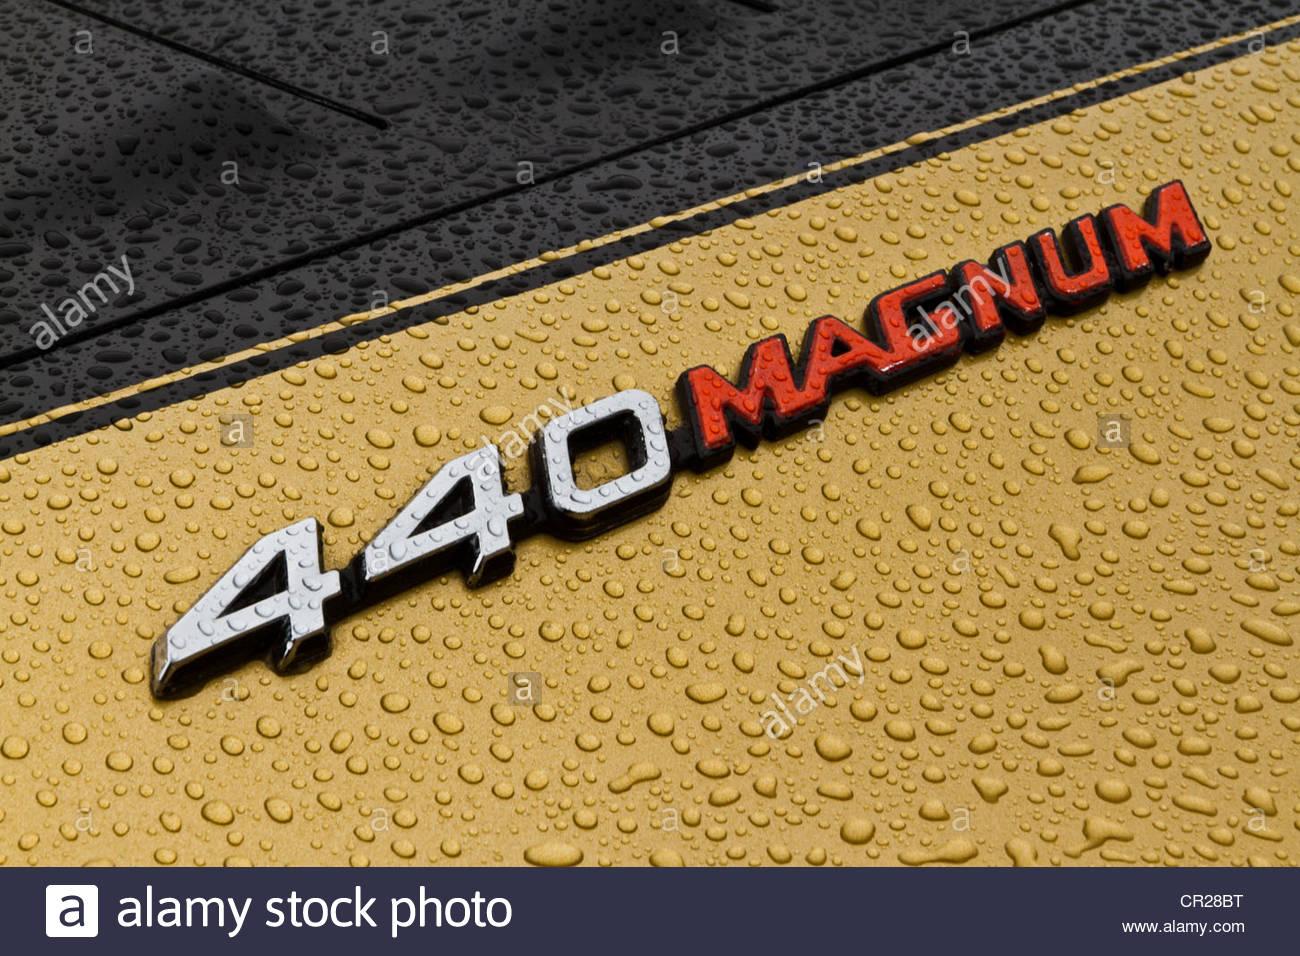 hight resolution of dodge charger 440 magnum emblem stock image